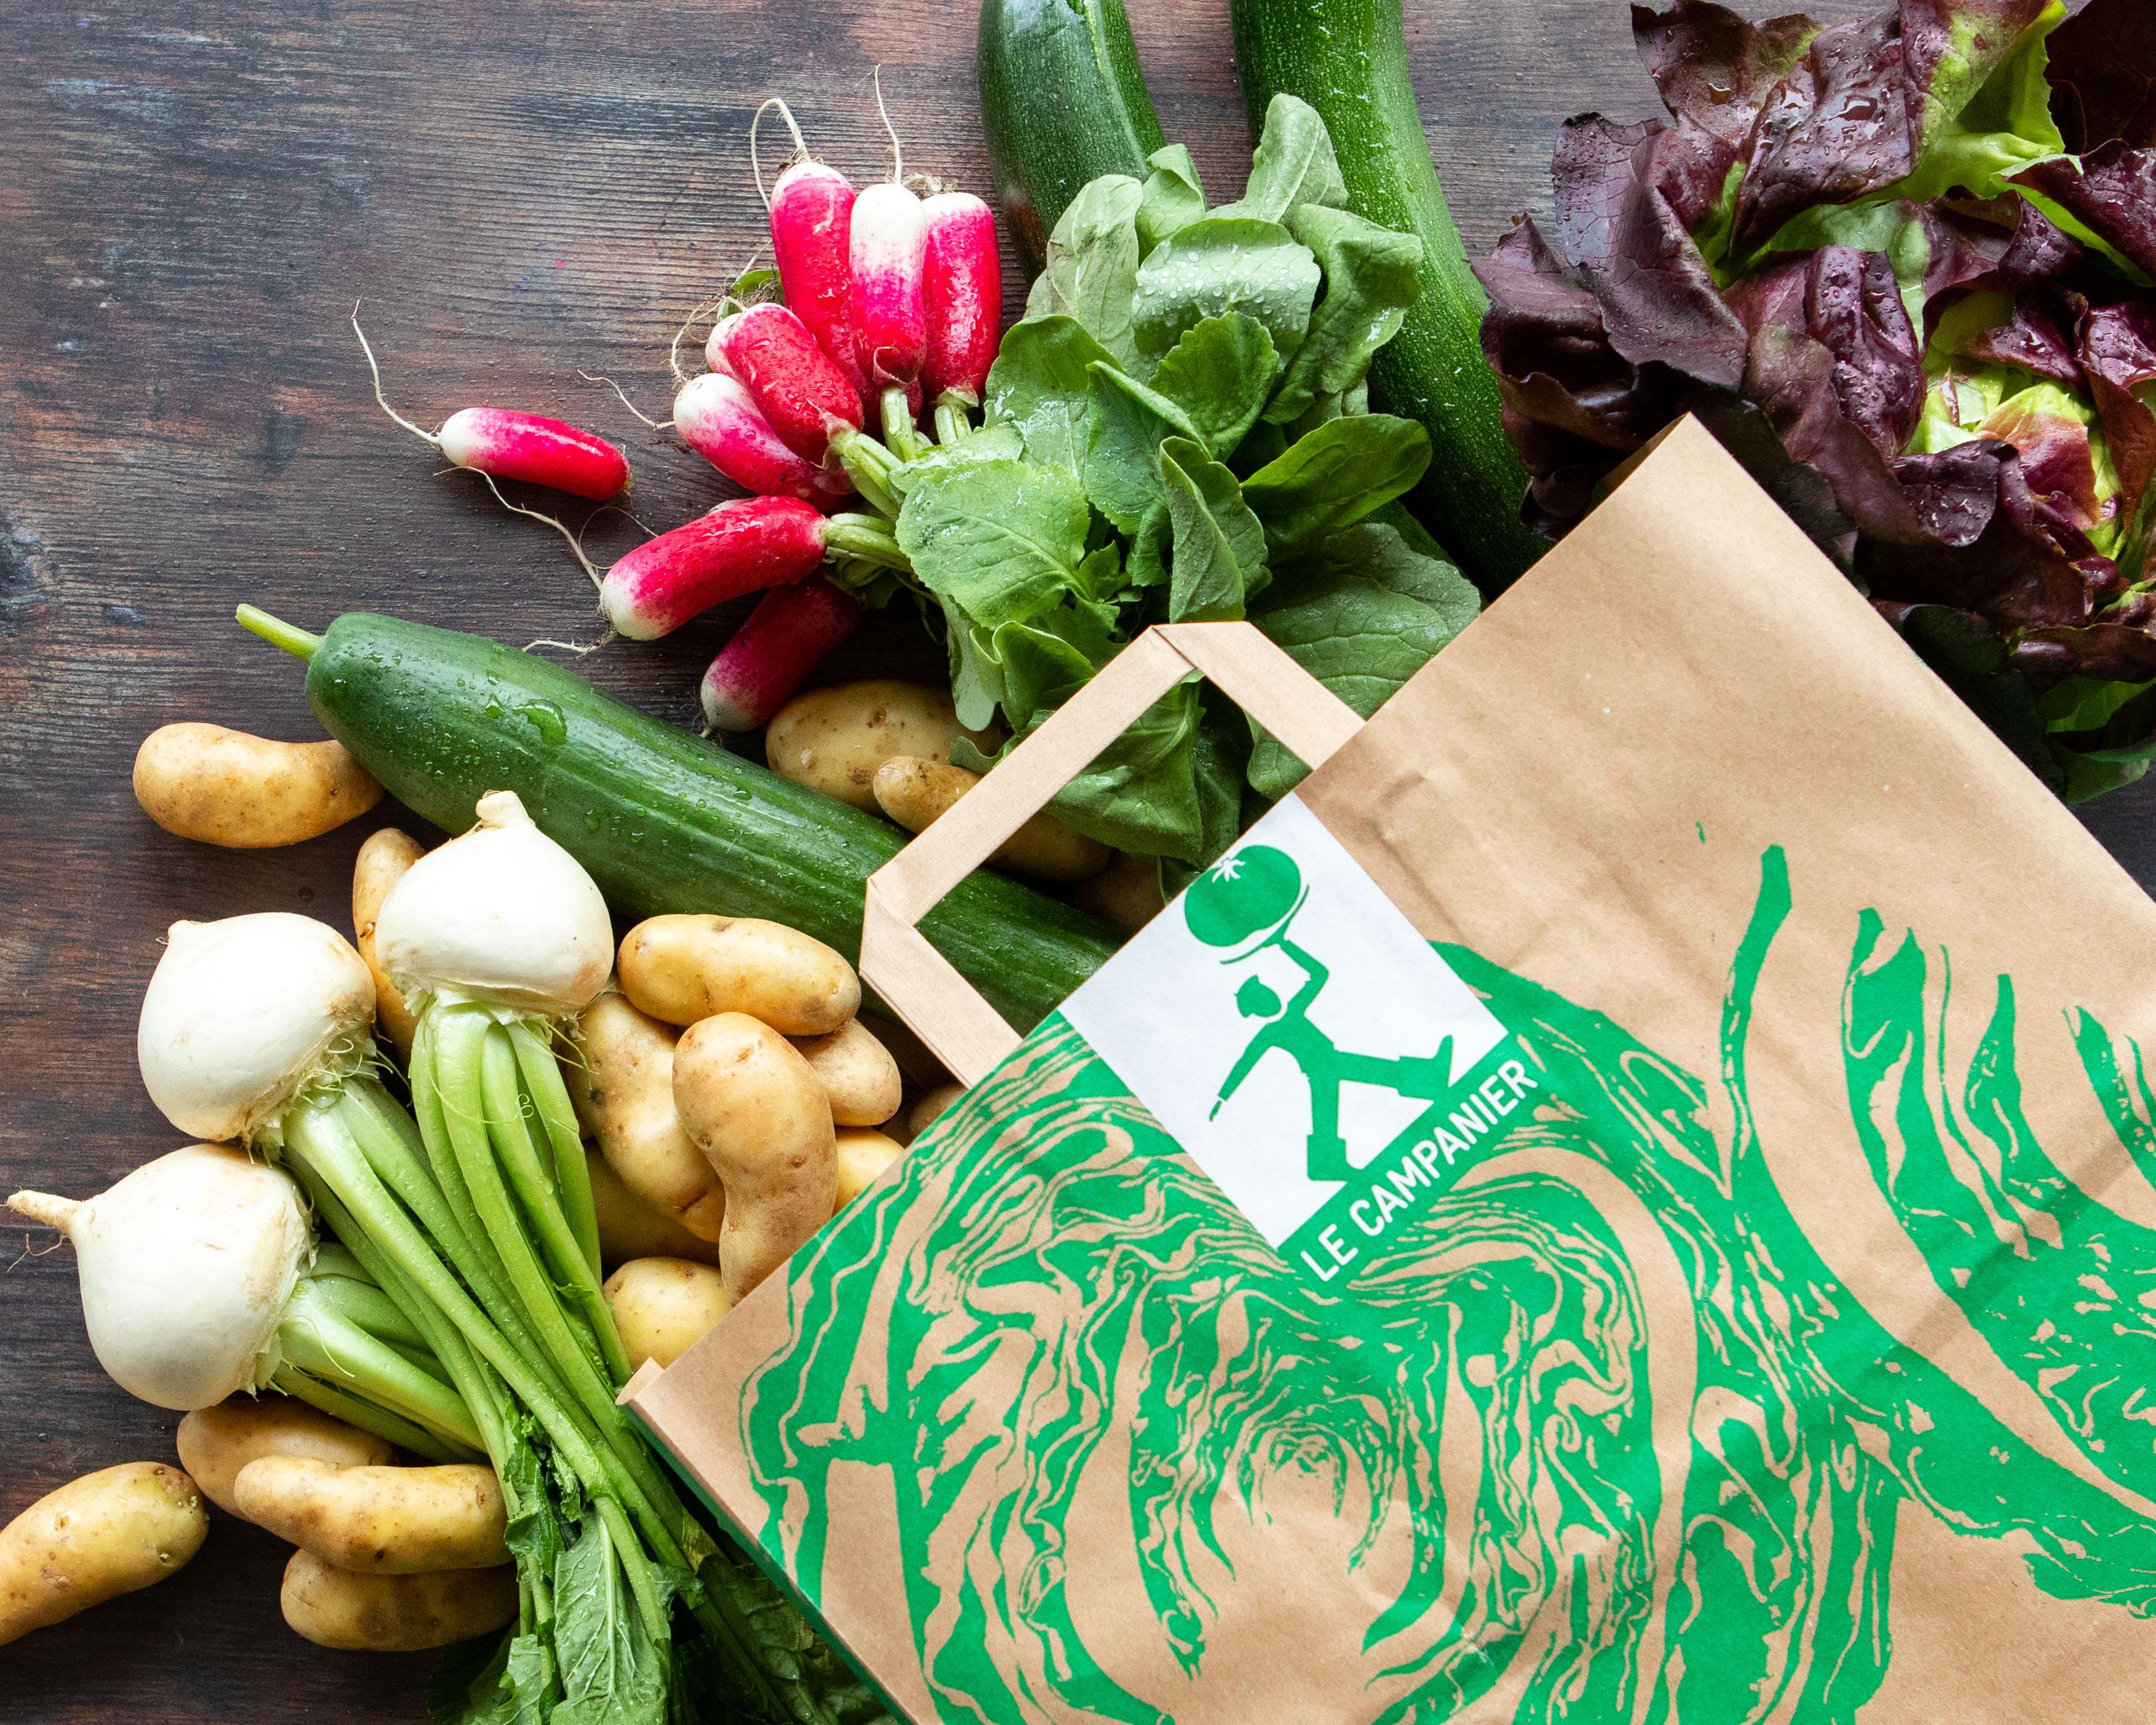 sac de légumes bio : pommes de terre, radis, salade, courgettes, concombre et navets botte